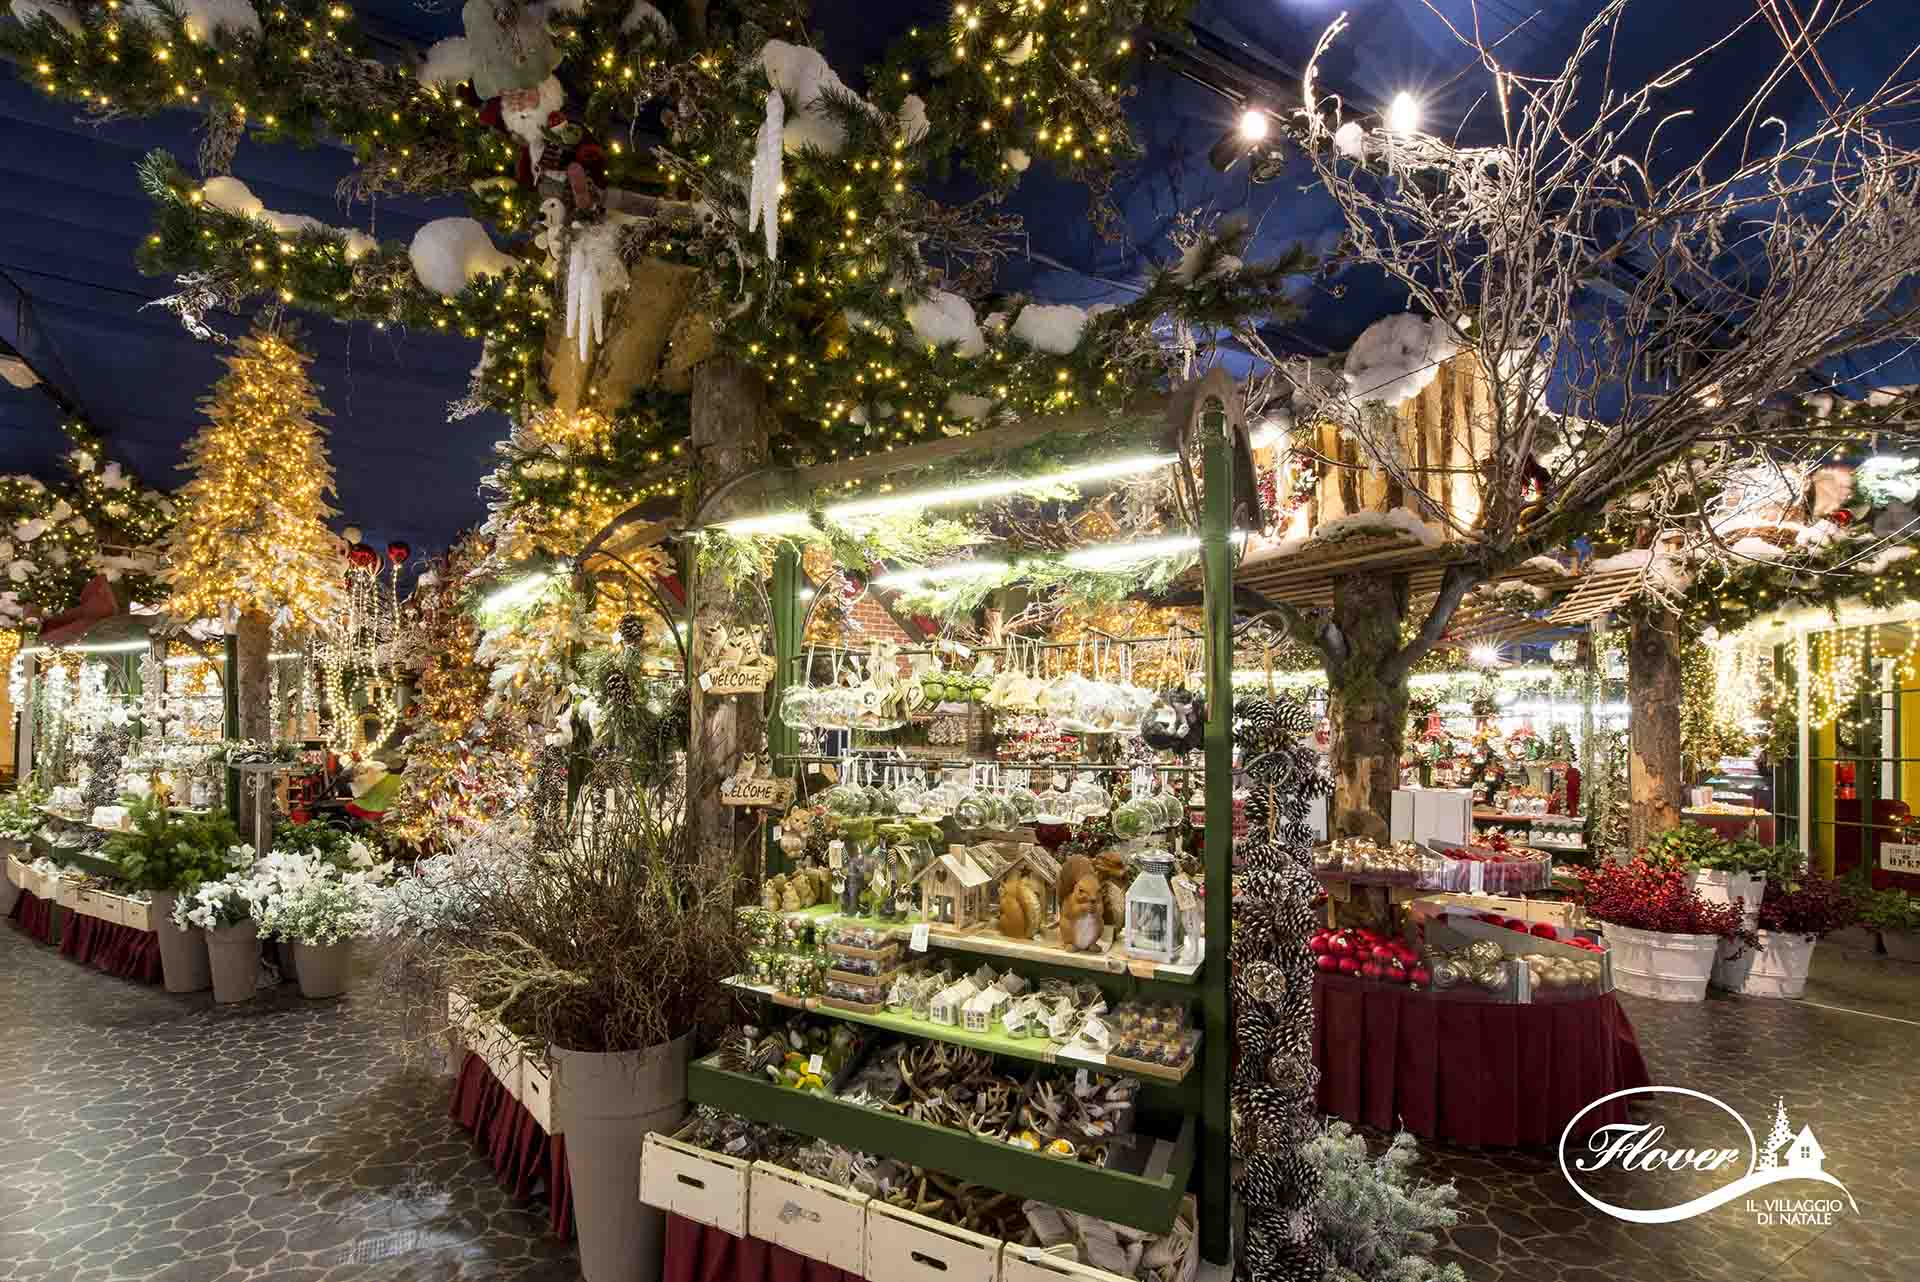 Villaggio Di Natale Bussolengo Immagini.Villaggio Di Natale Flover 2017 Carnet Verona Carnet Verona